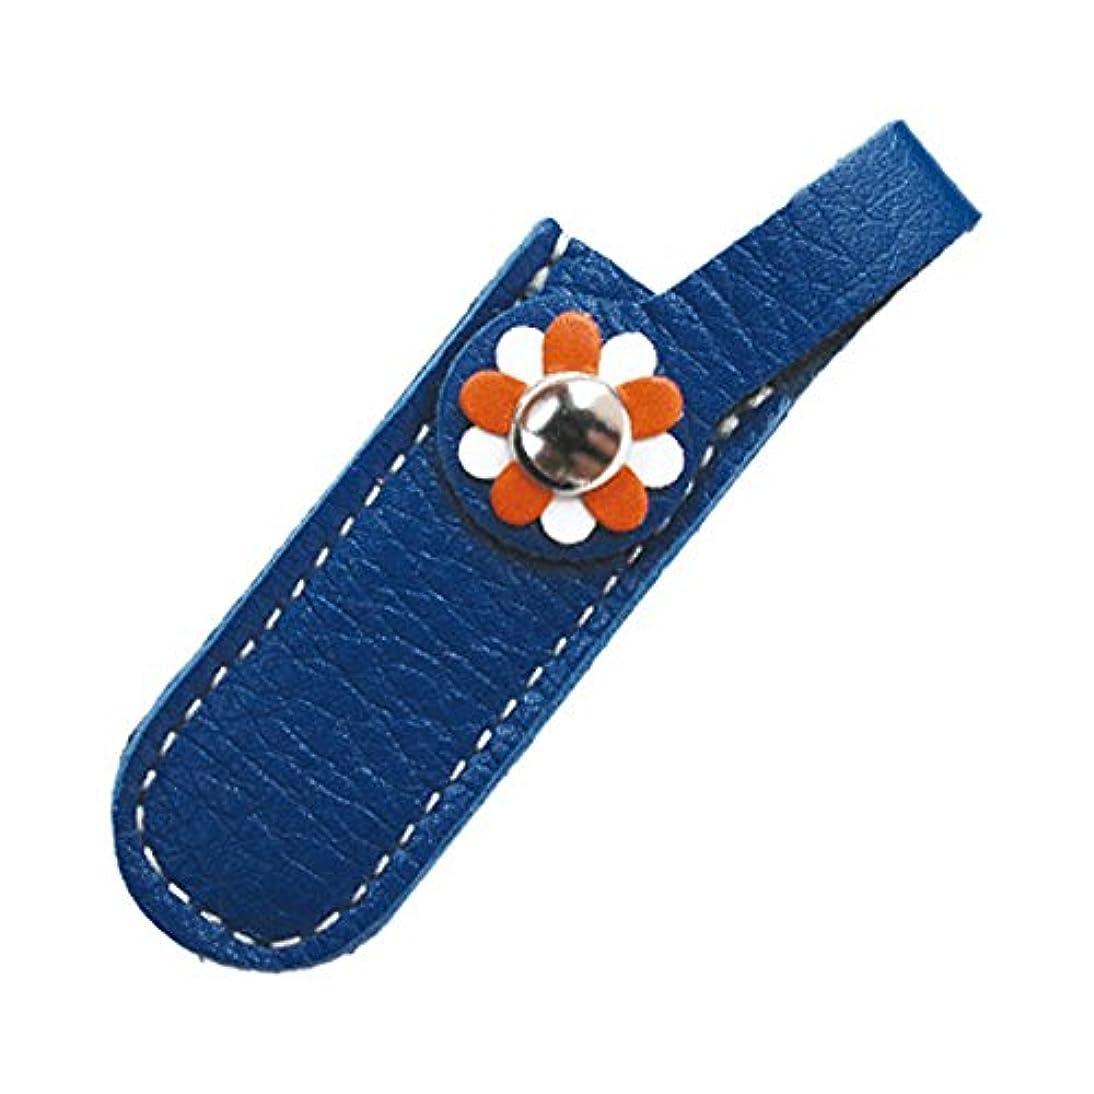 中性衣類保存するジェルネイル  サンシャインベビー  シザーケース ブルー